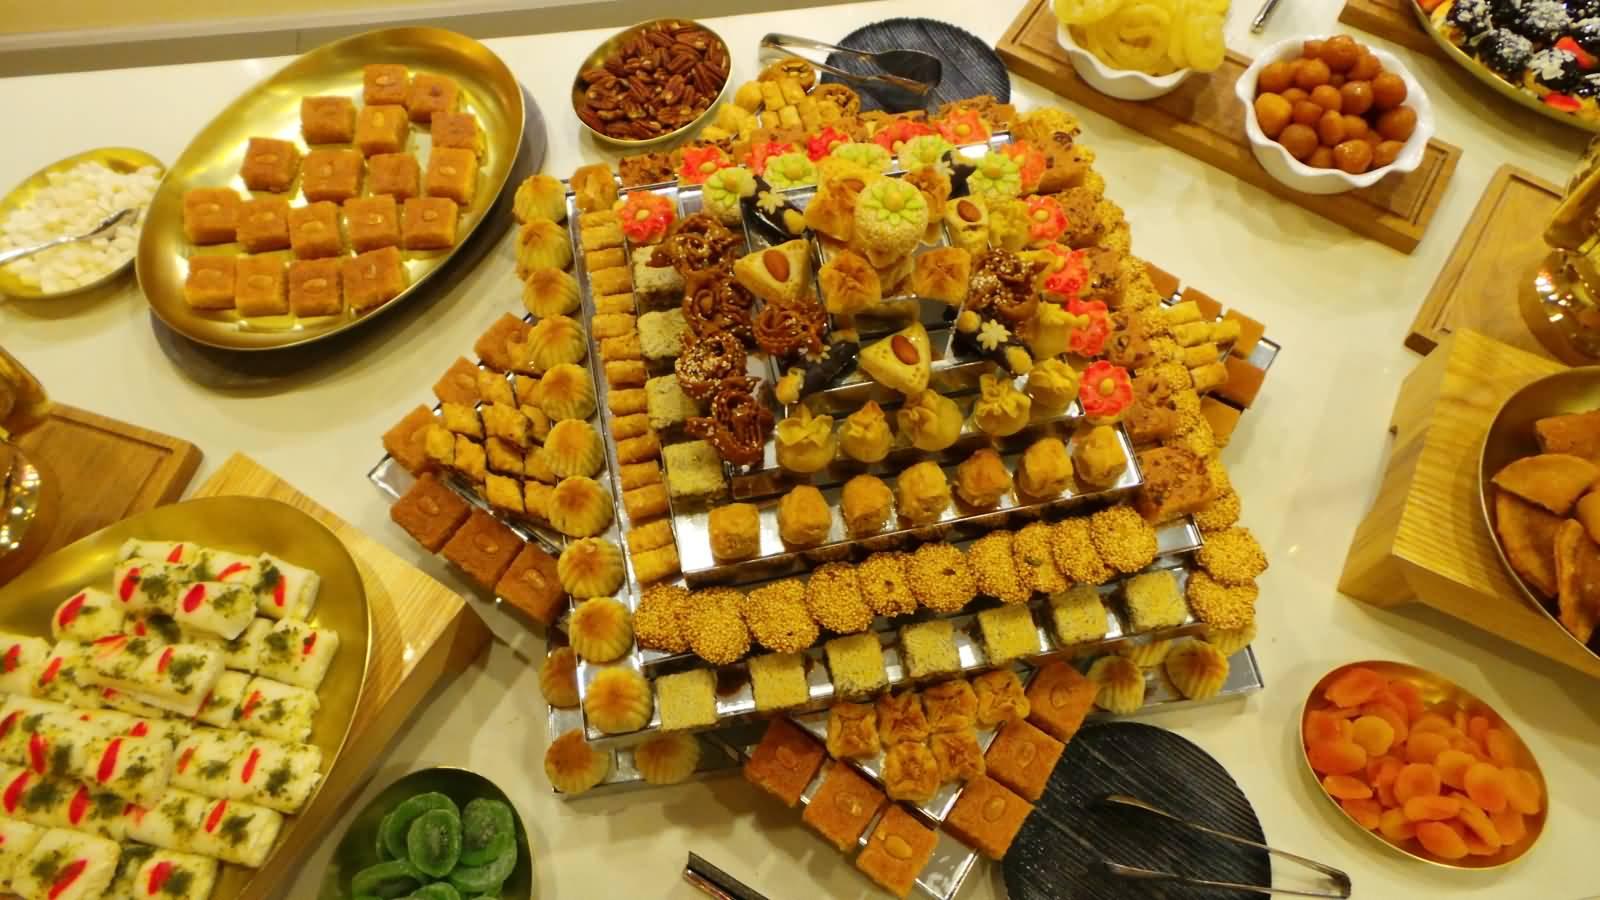 Fantastic Lunch Eid Al-Fitr Food - Eid-Al-Adha-Celebration-Food-Image  You Should Have_246881 .jpg